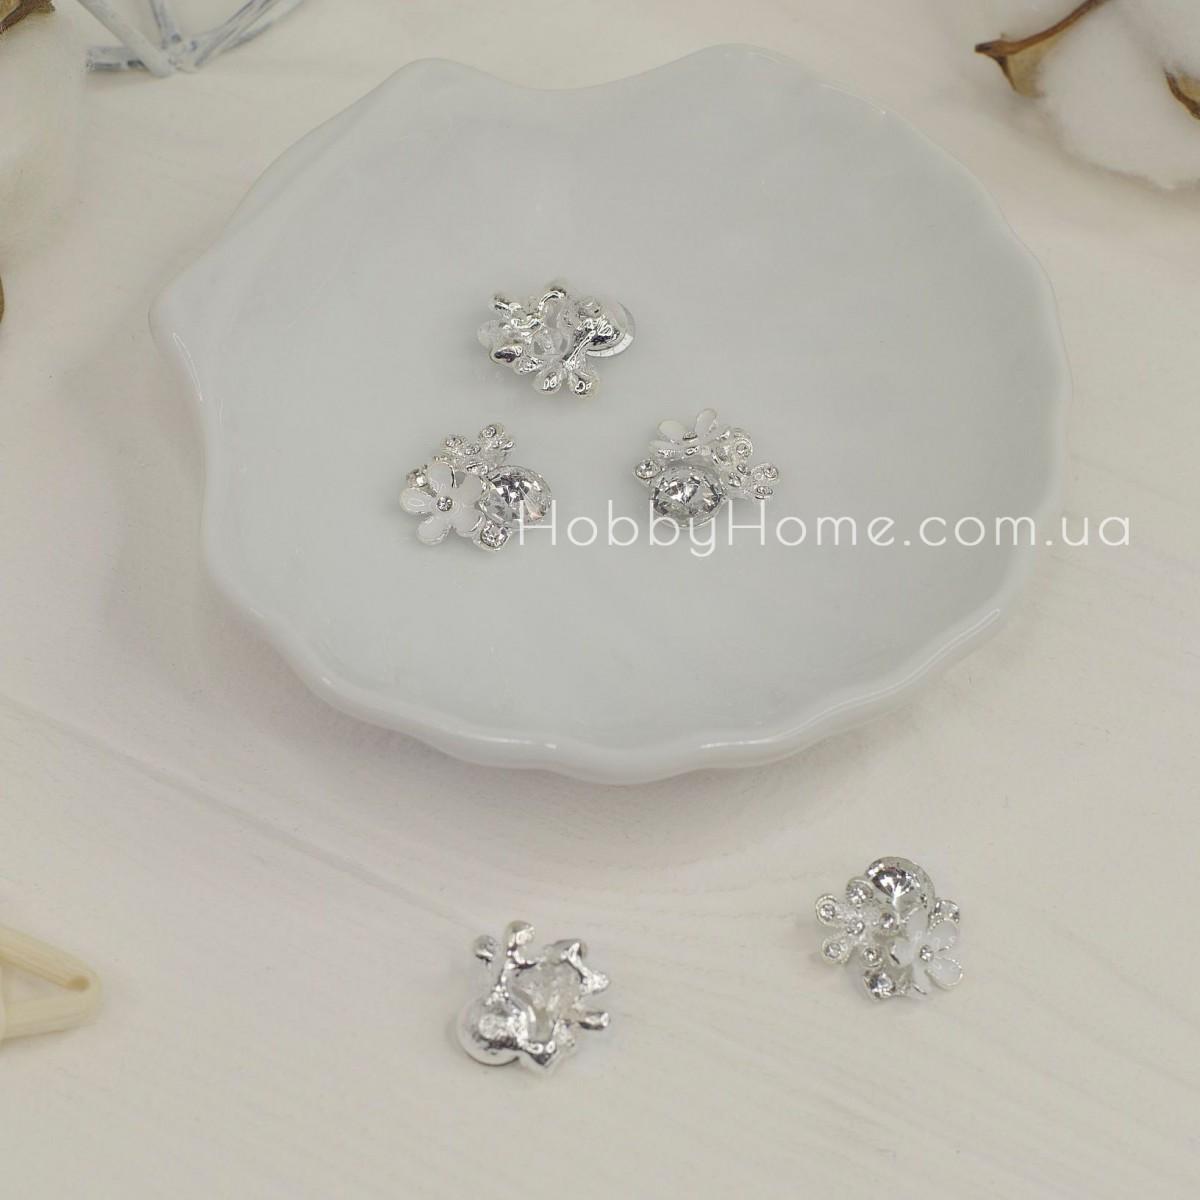 Серединка дві квіточки з каменем 18мм срібло